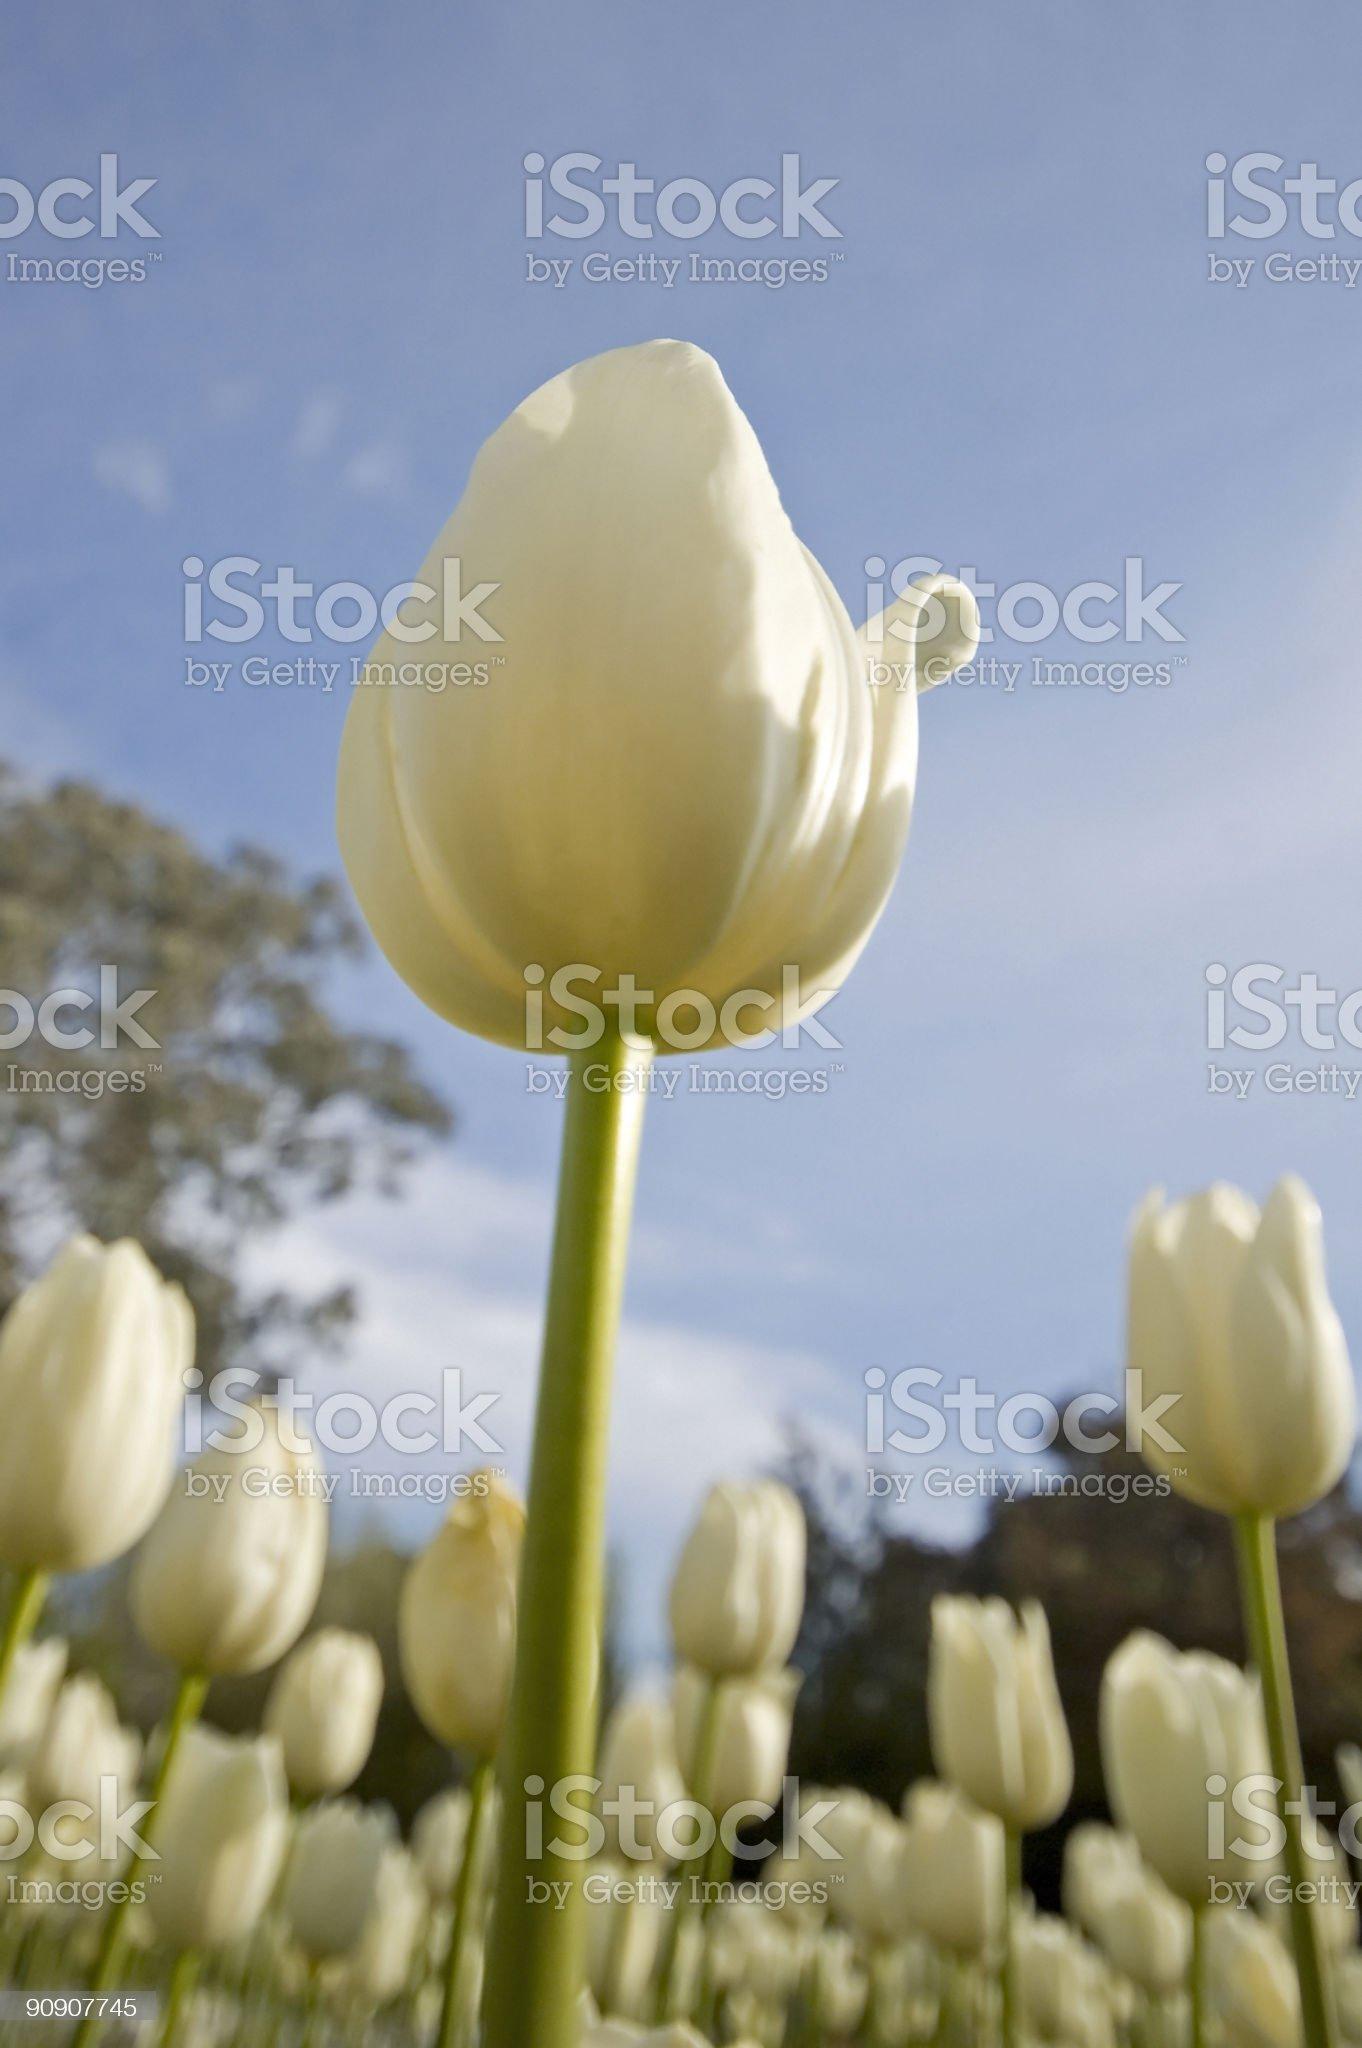 The White Tulip royalty-free stock photo